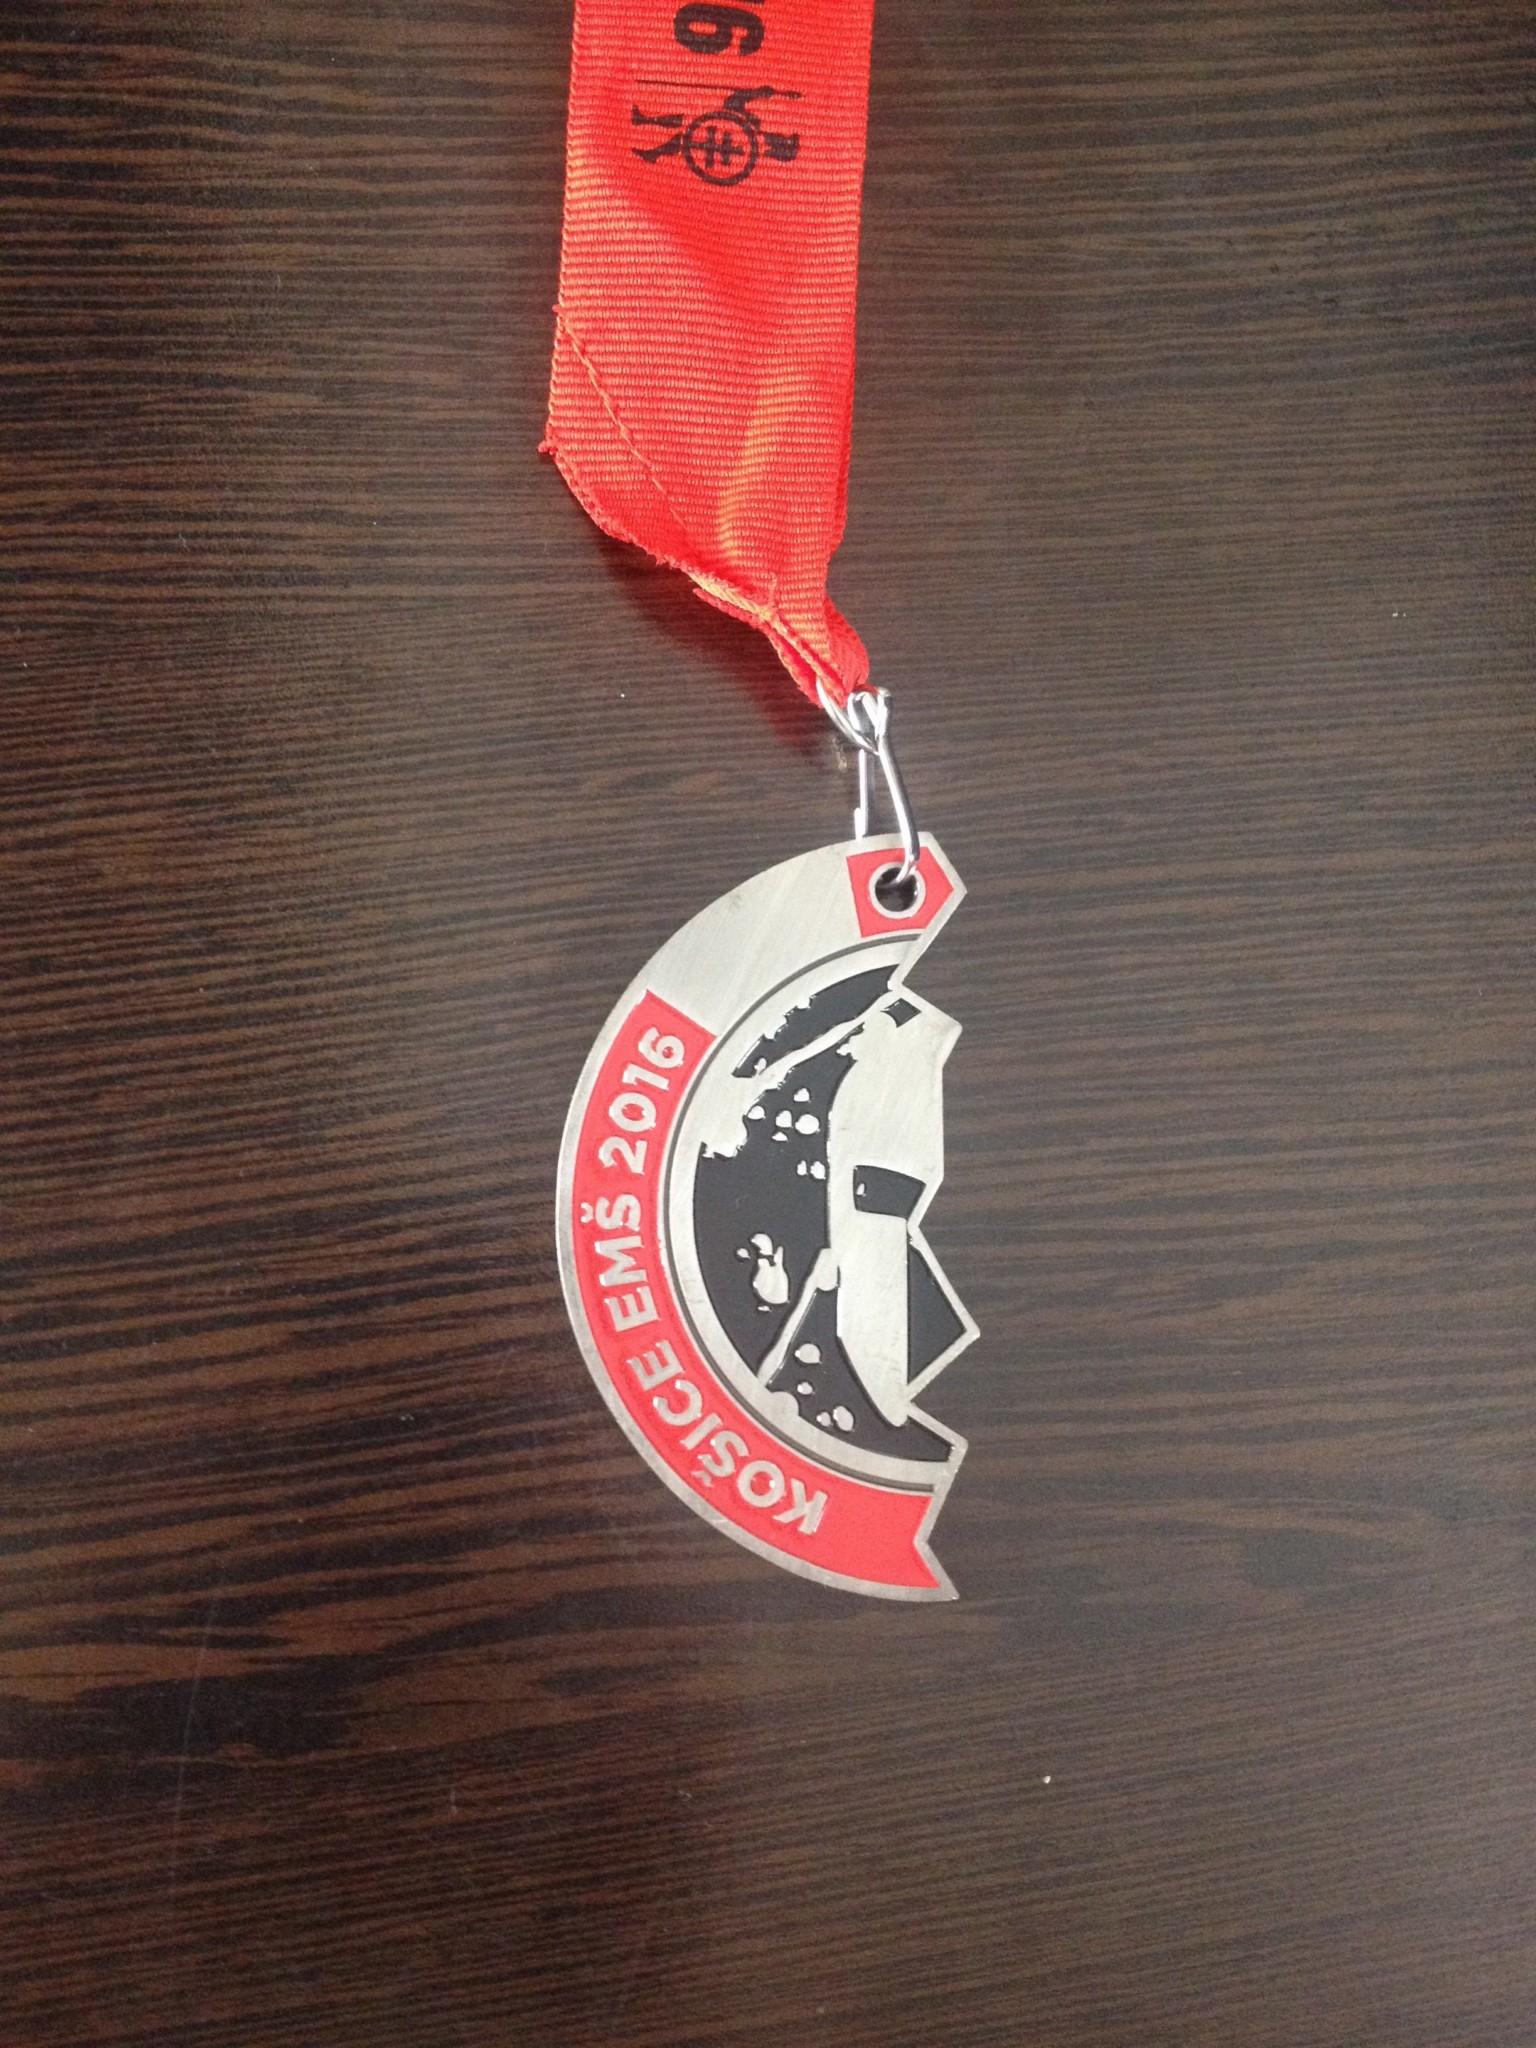 Spartan Race - Kosice - Slovakian medal